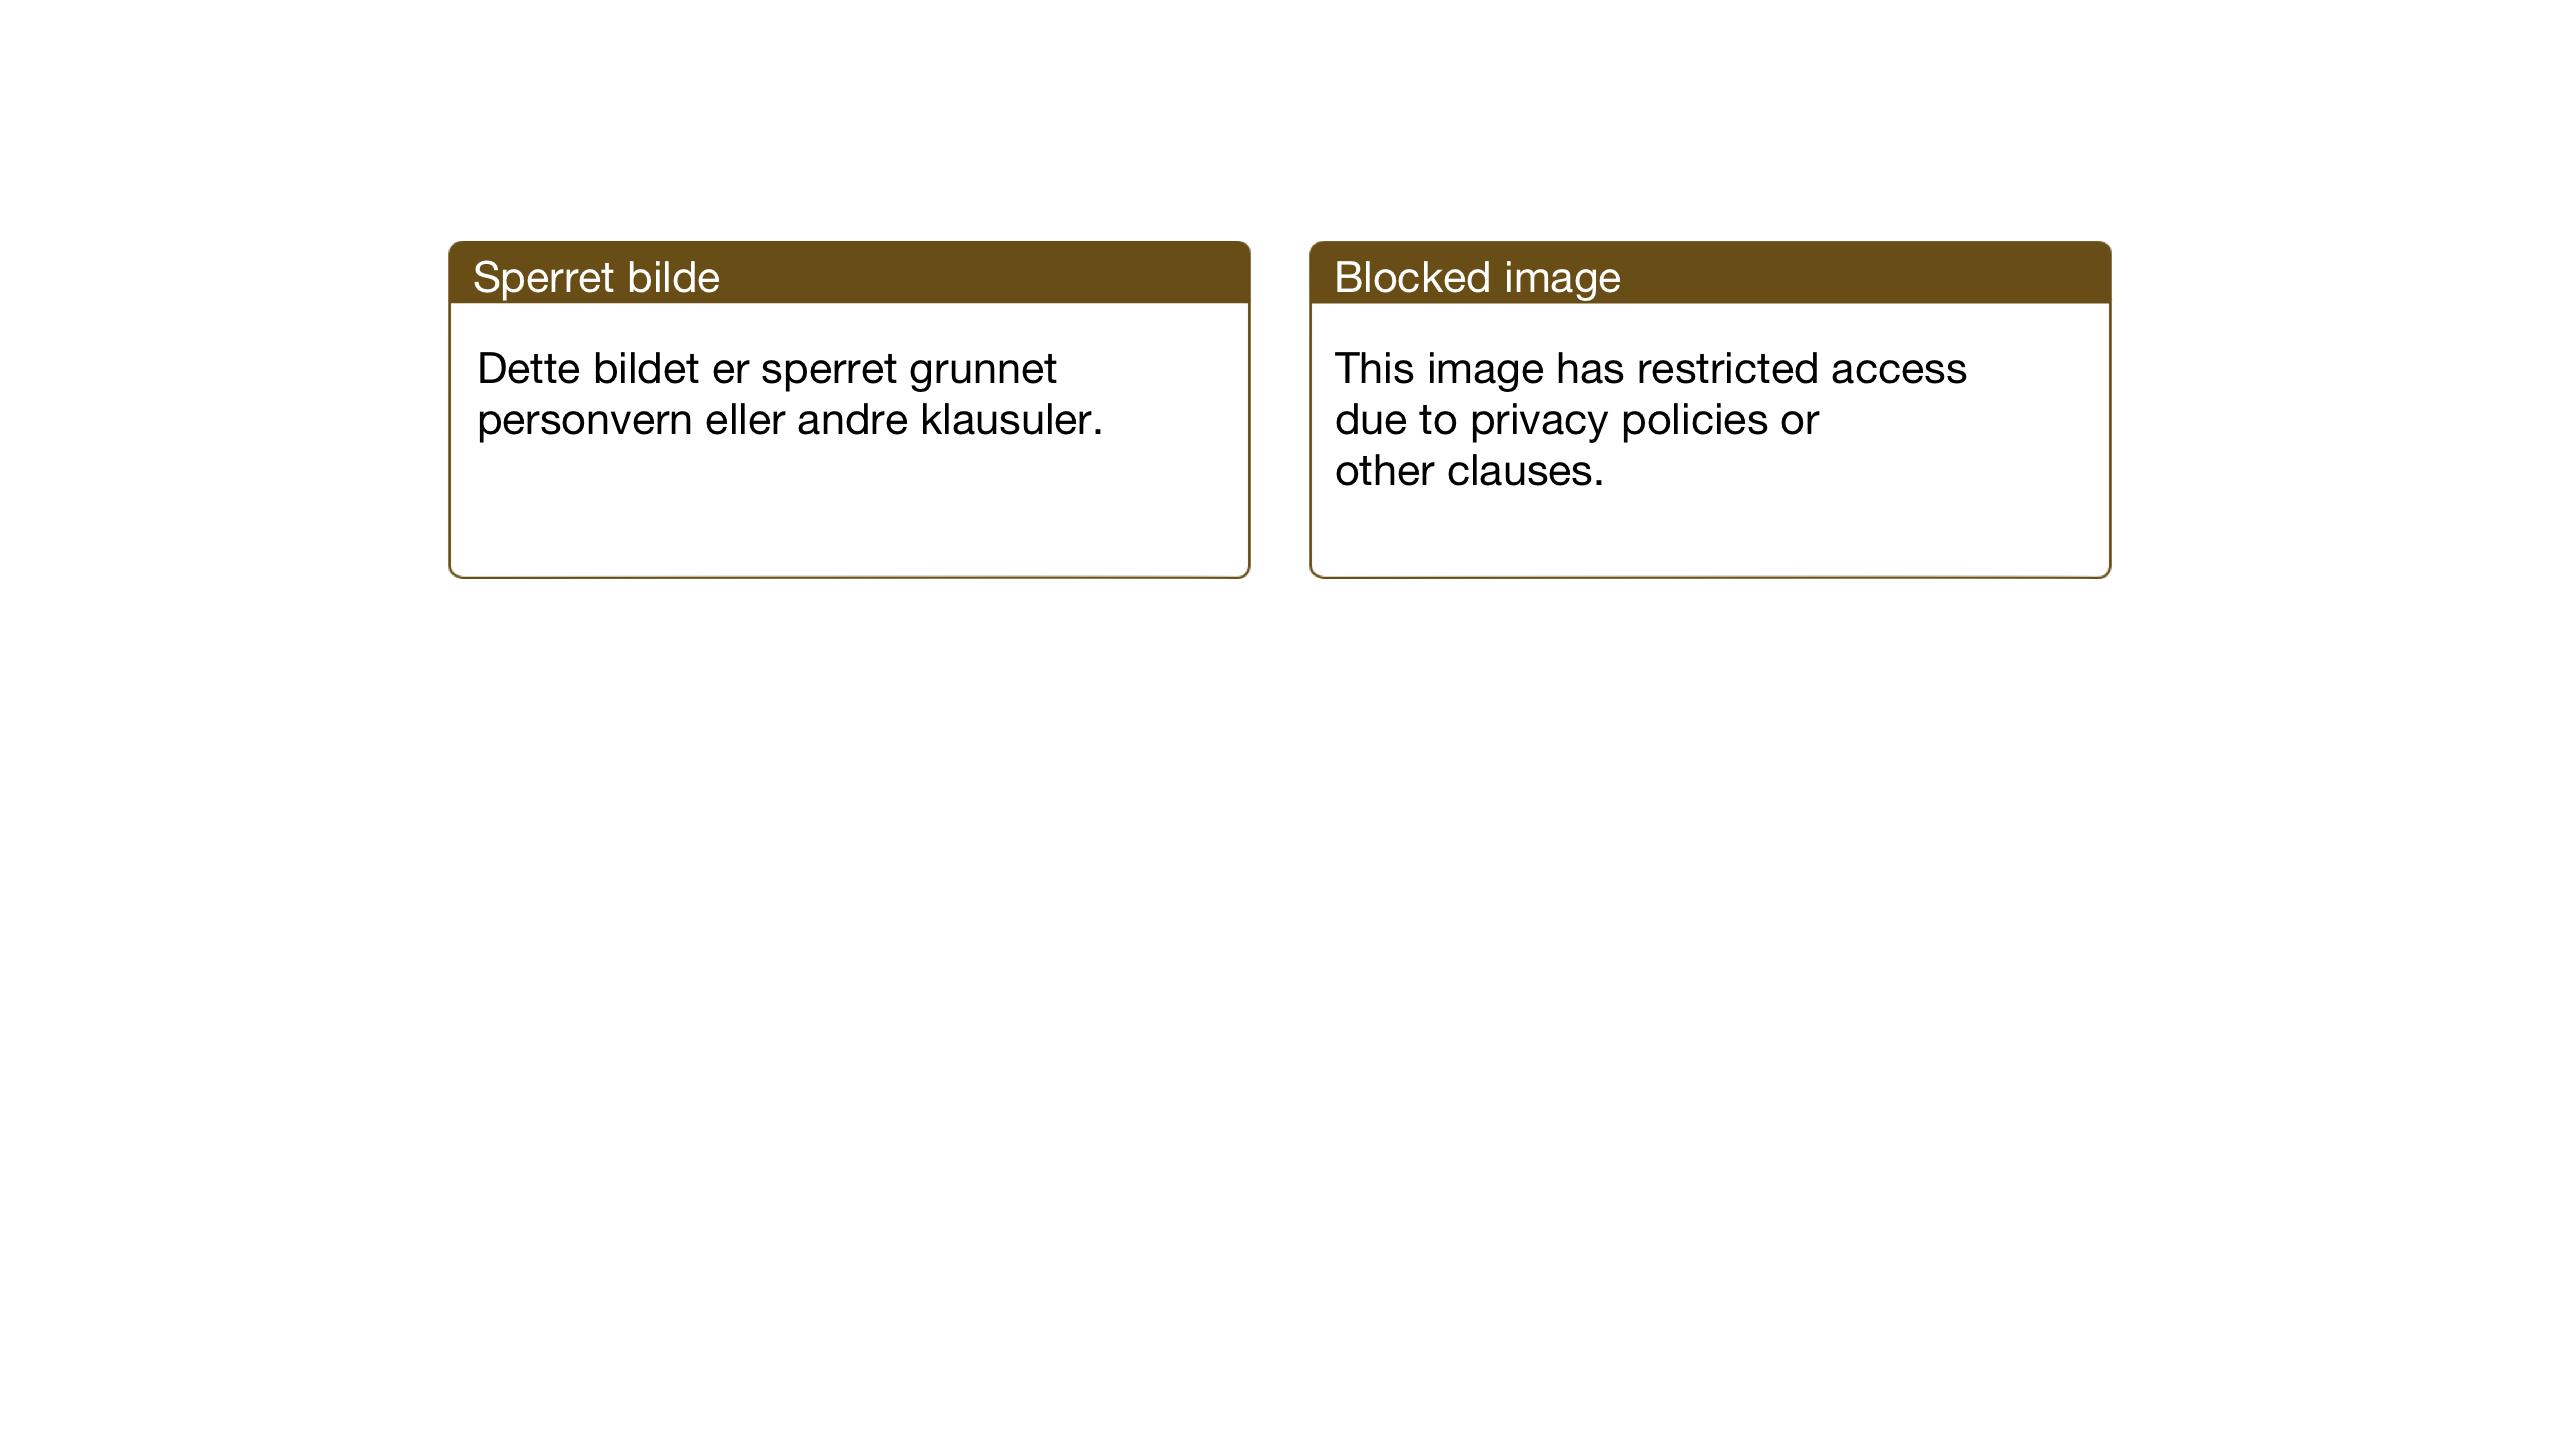 SAT, Ministerialprotokoller, klokkerbøker og fødselsregistre - Nord-Trøndelag, 701/L0019: Klokkerbok nr. 701C03, 1930-1953, s. 194